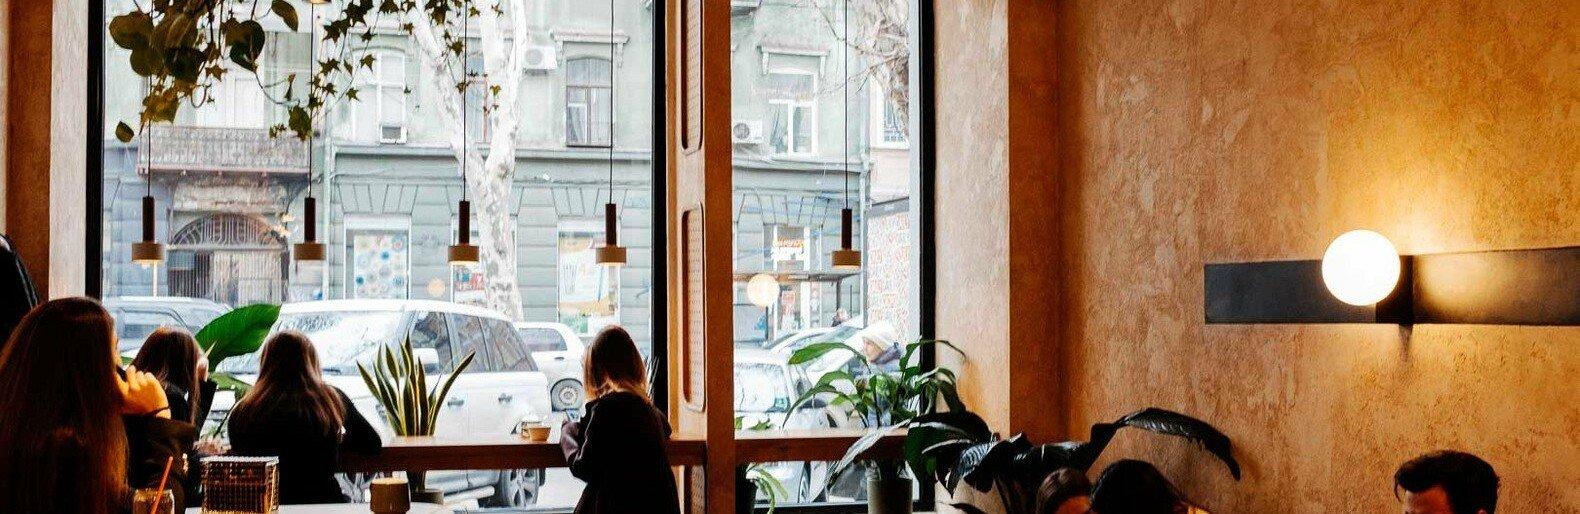 Закон о языке. Кто в Одессе будет обязан перейти на украинский0